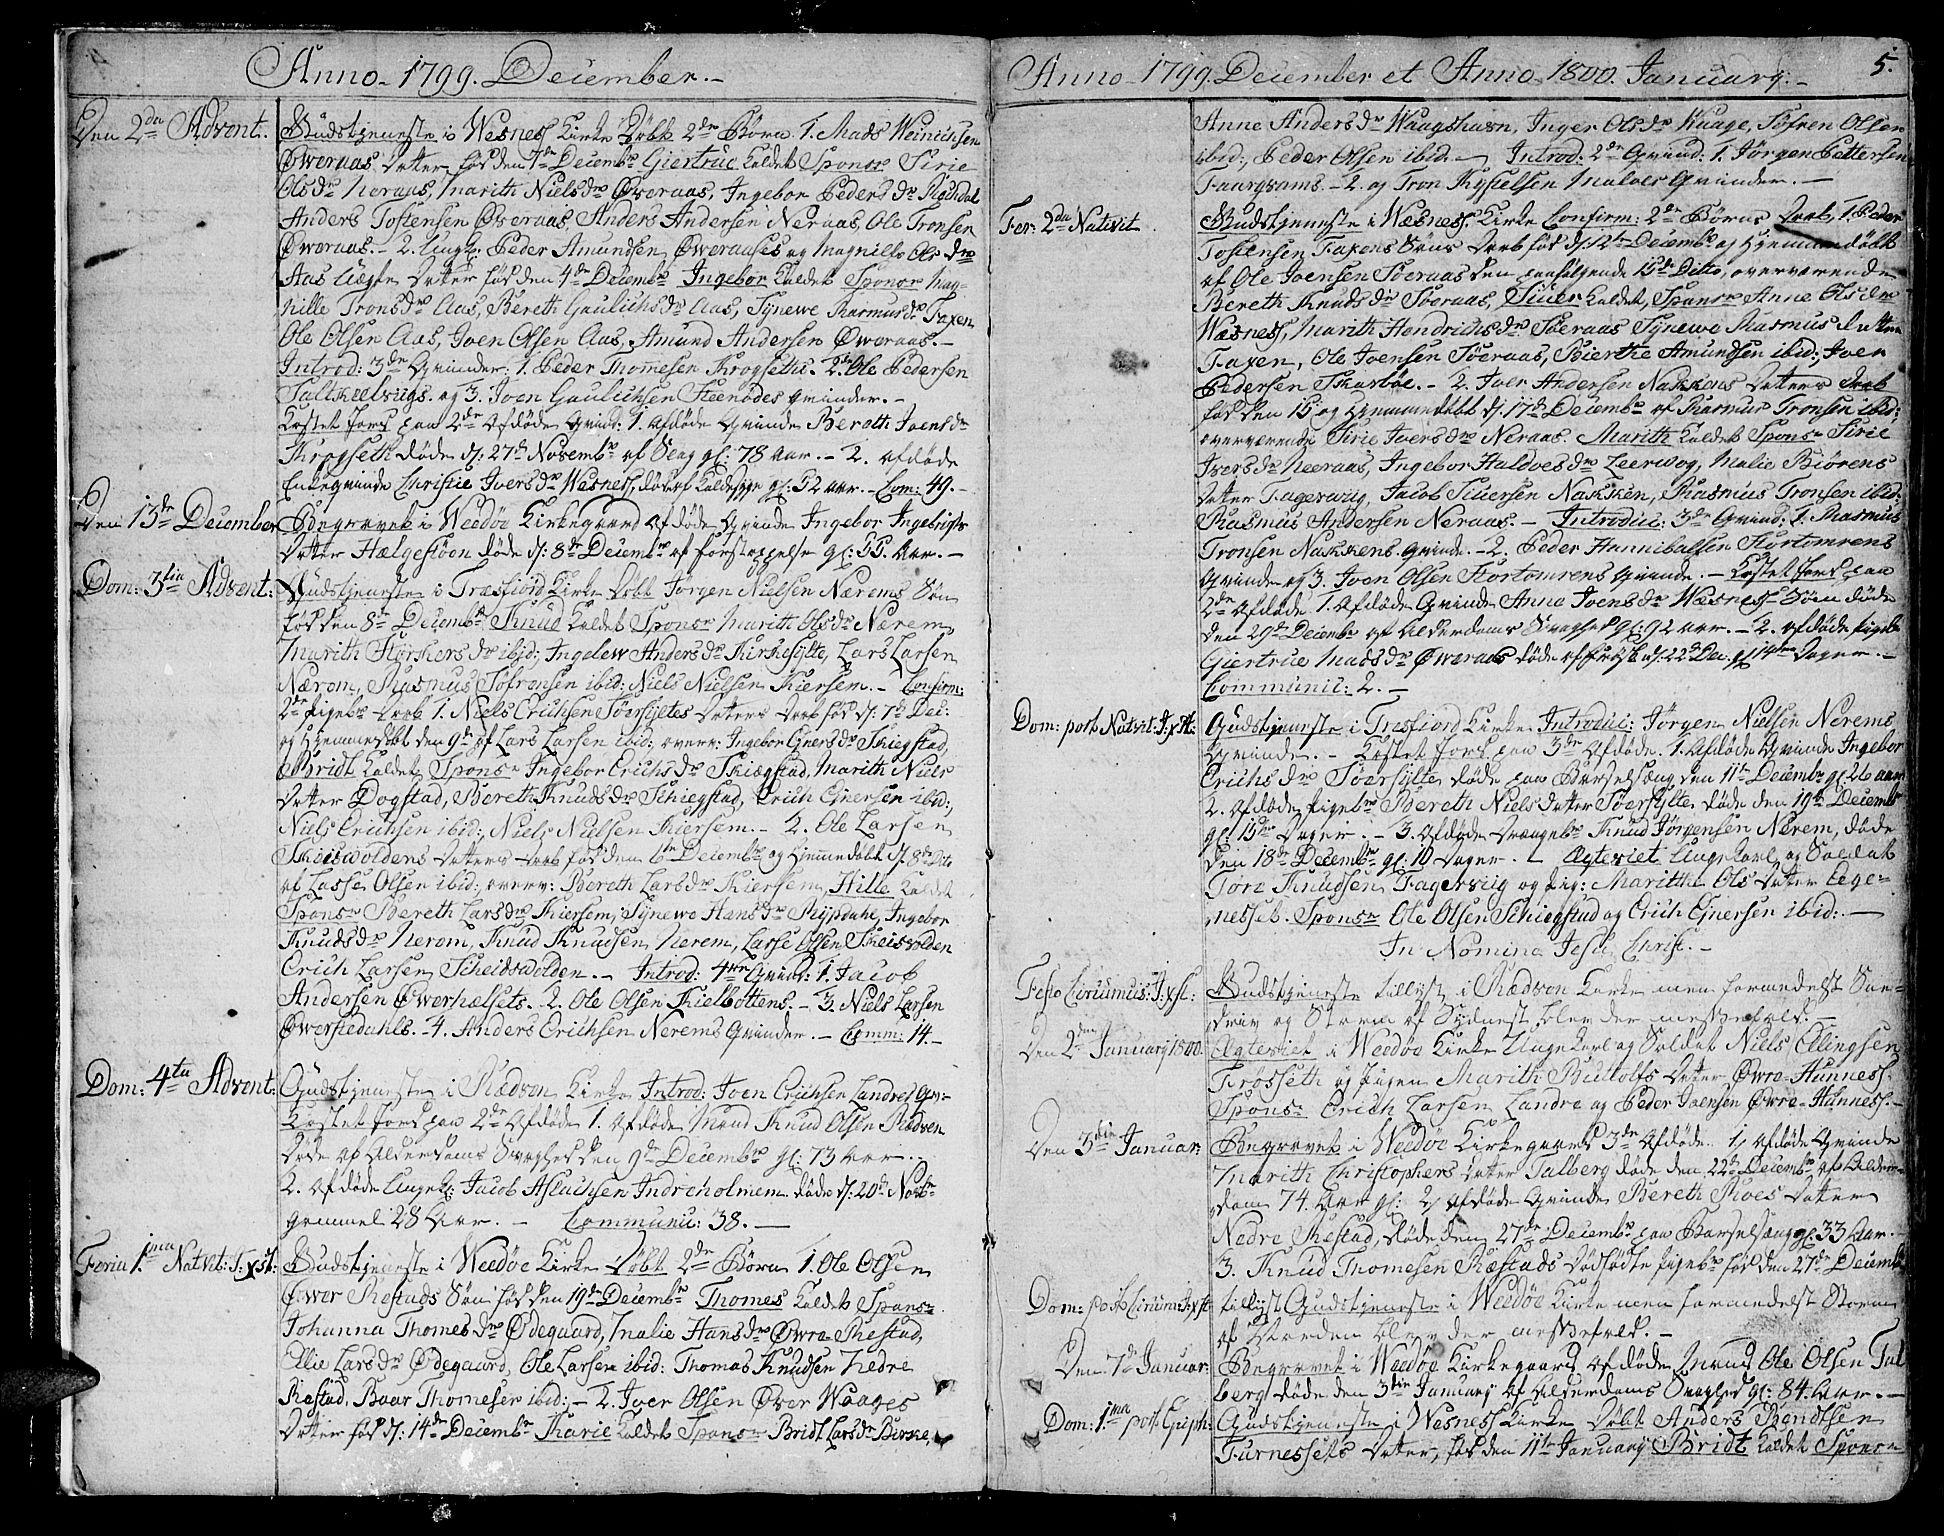 SAT, Ministerialprotokoller, klokkerbøker og fødselsregistre - Møre og Romsdal, 547/L0601: Ministerialbok nr. 547A03, 1799-1818, s. 5